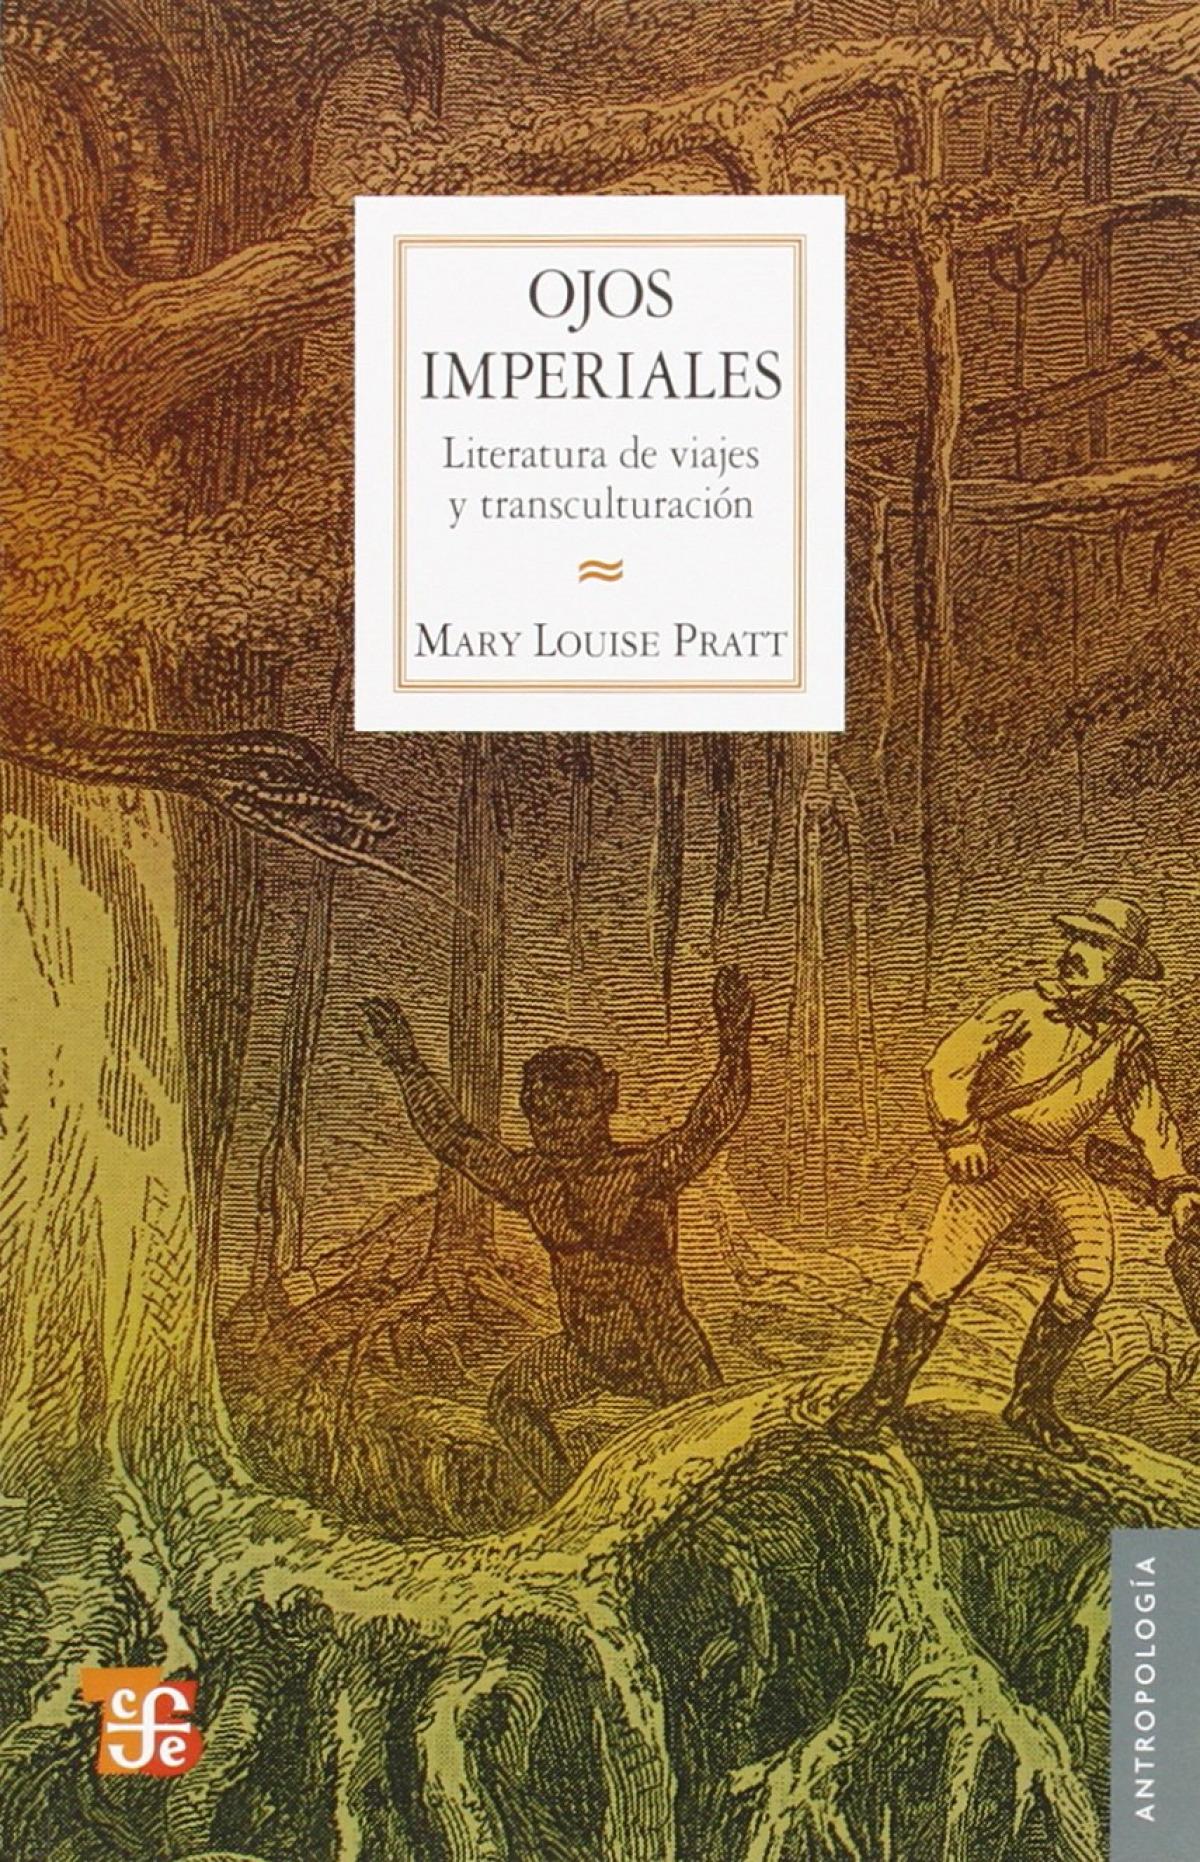 Ojos imperiales : Literatura de viajes y transculturación